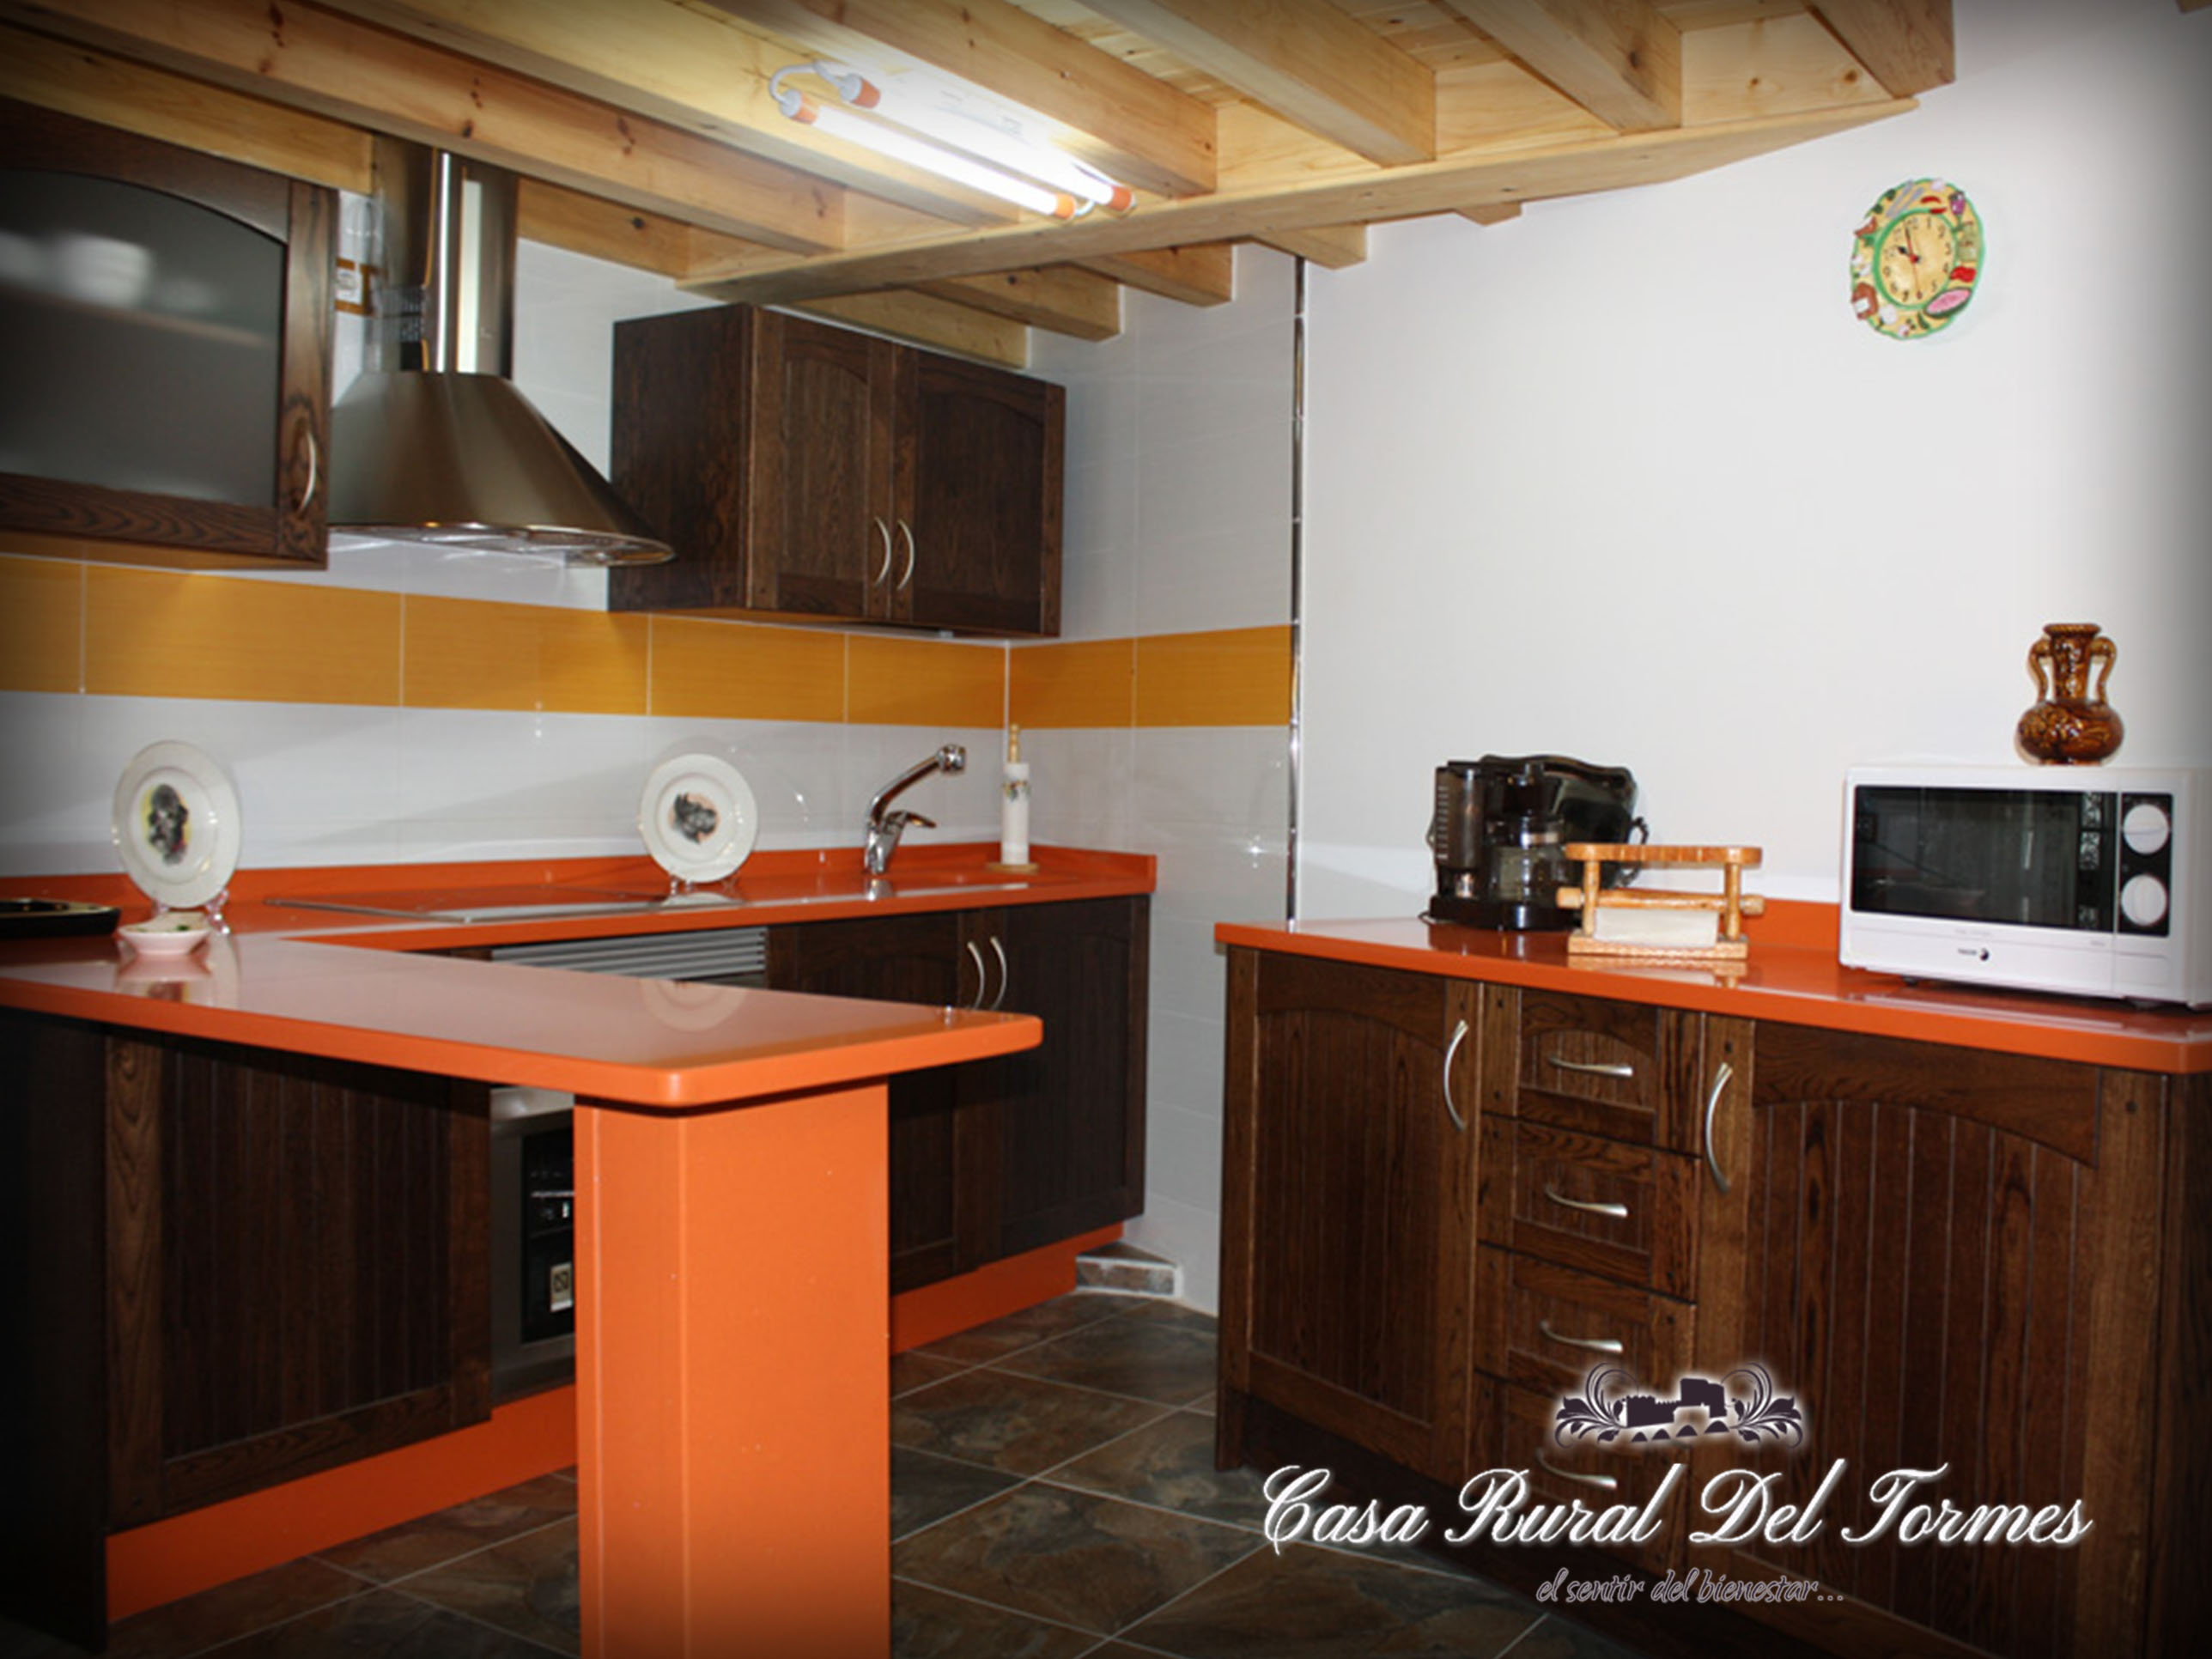 Sala de tv y cocina id ias interessantes - Television en la cocina ...